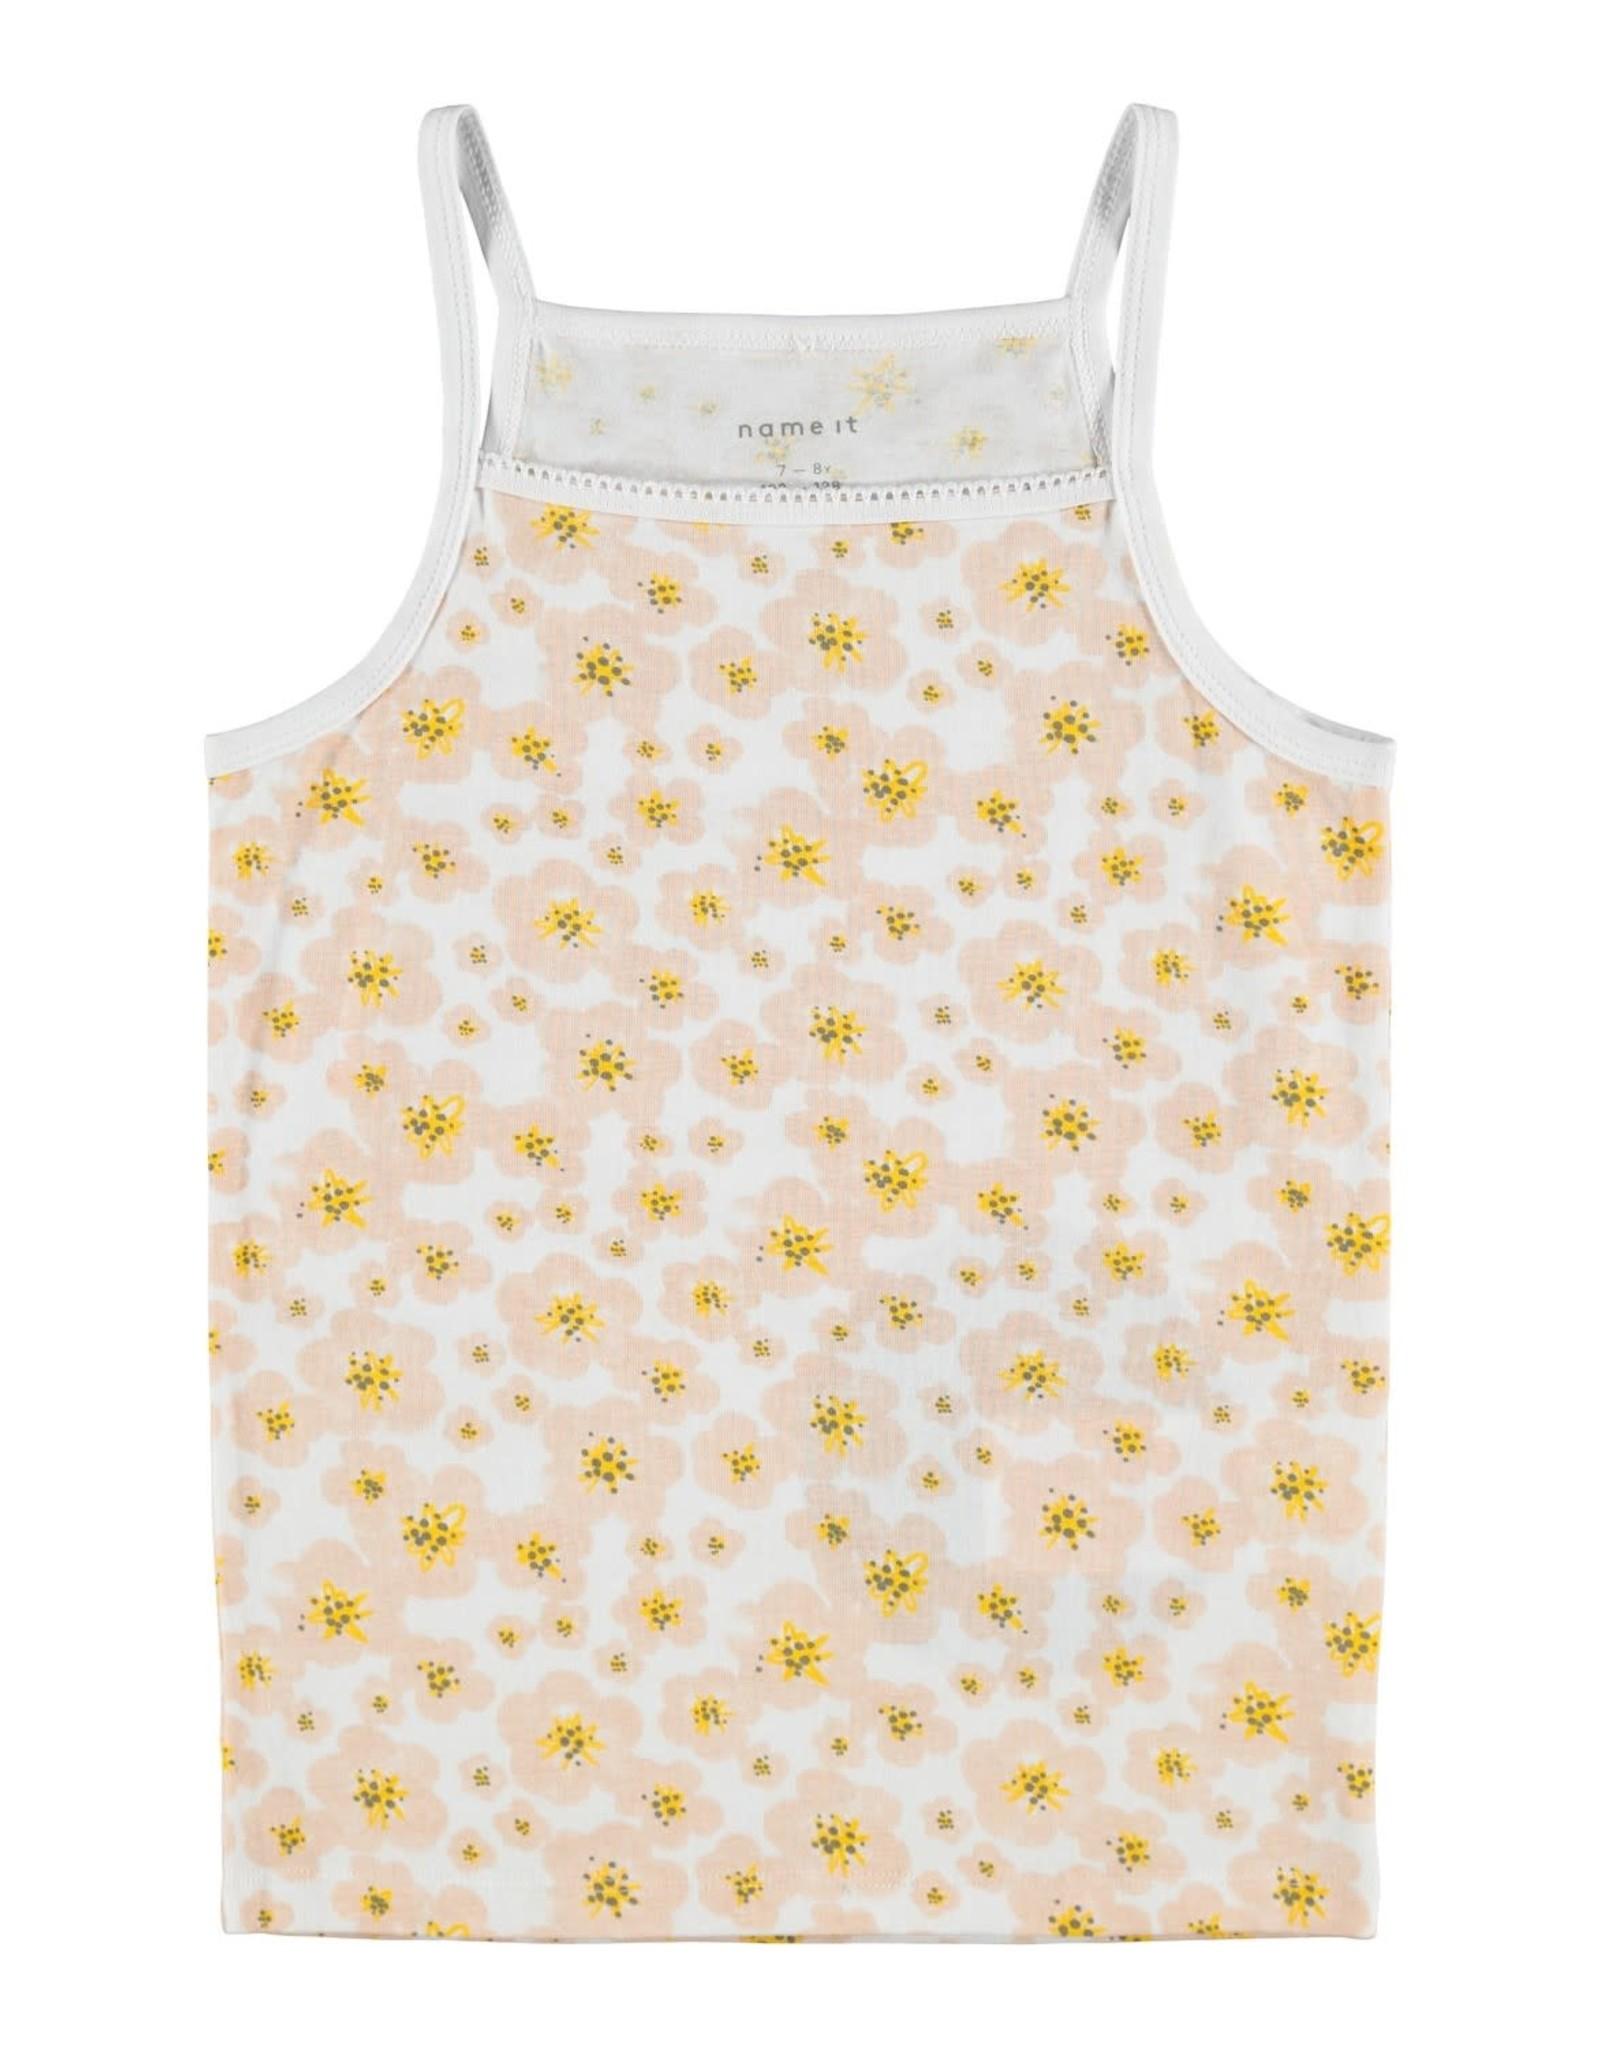 Name It 2-pack topje (1 effen en 1 gele bloemetjes)